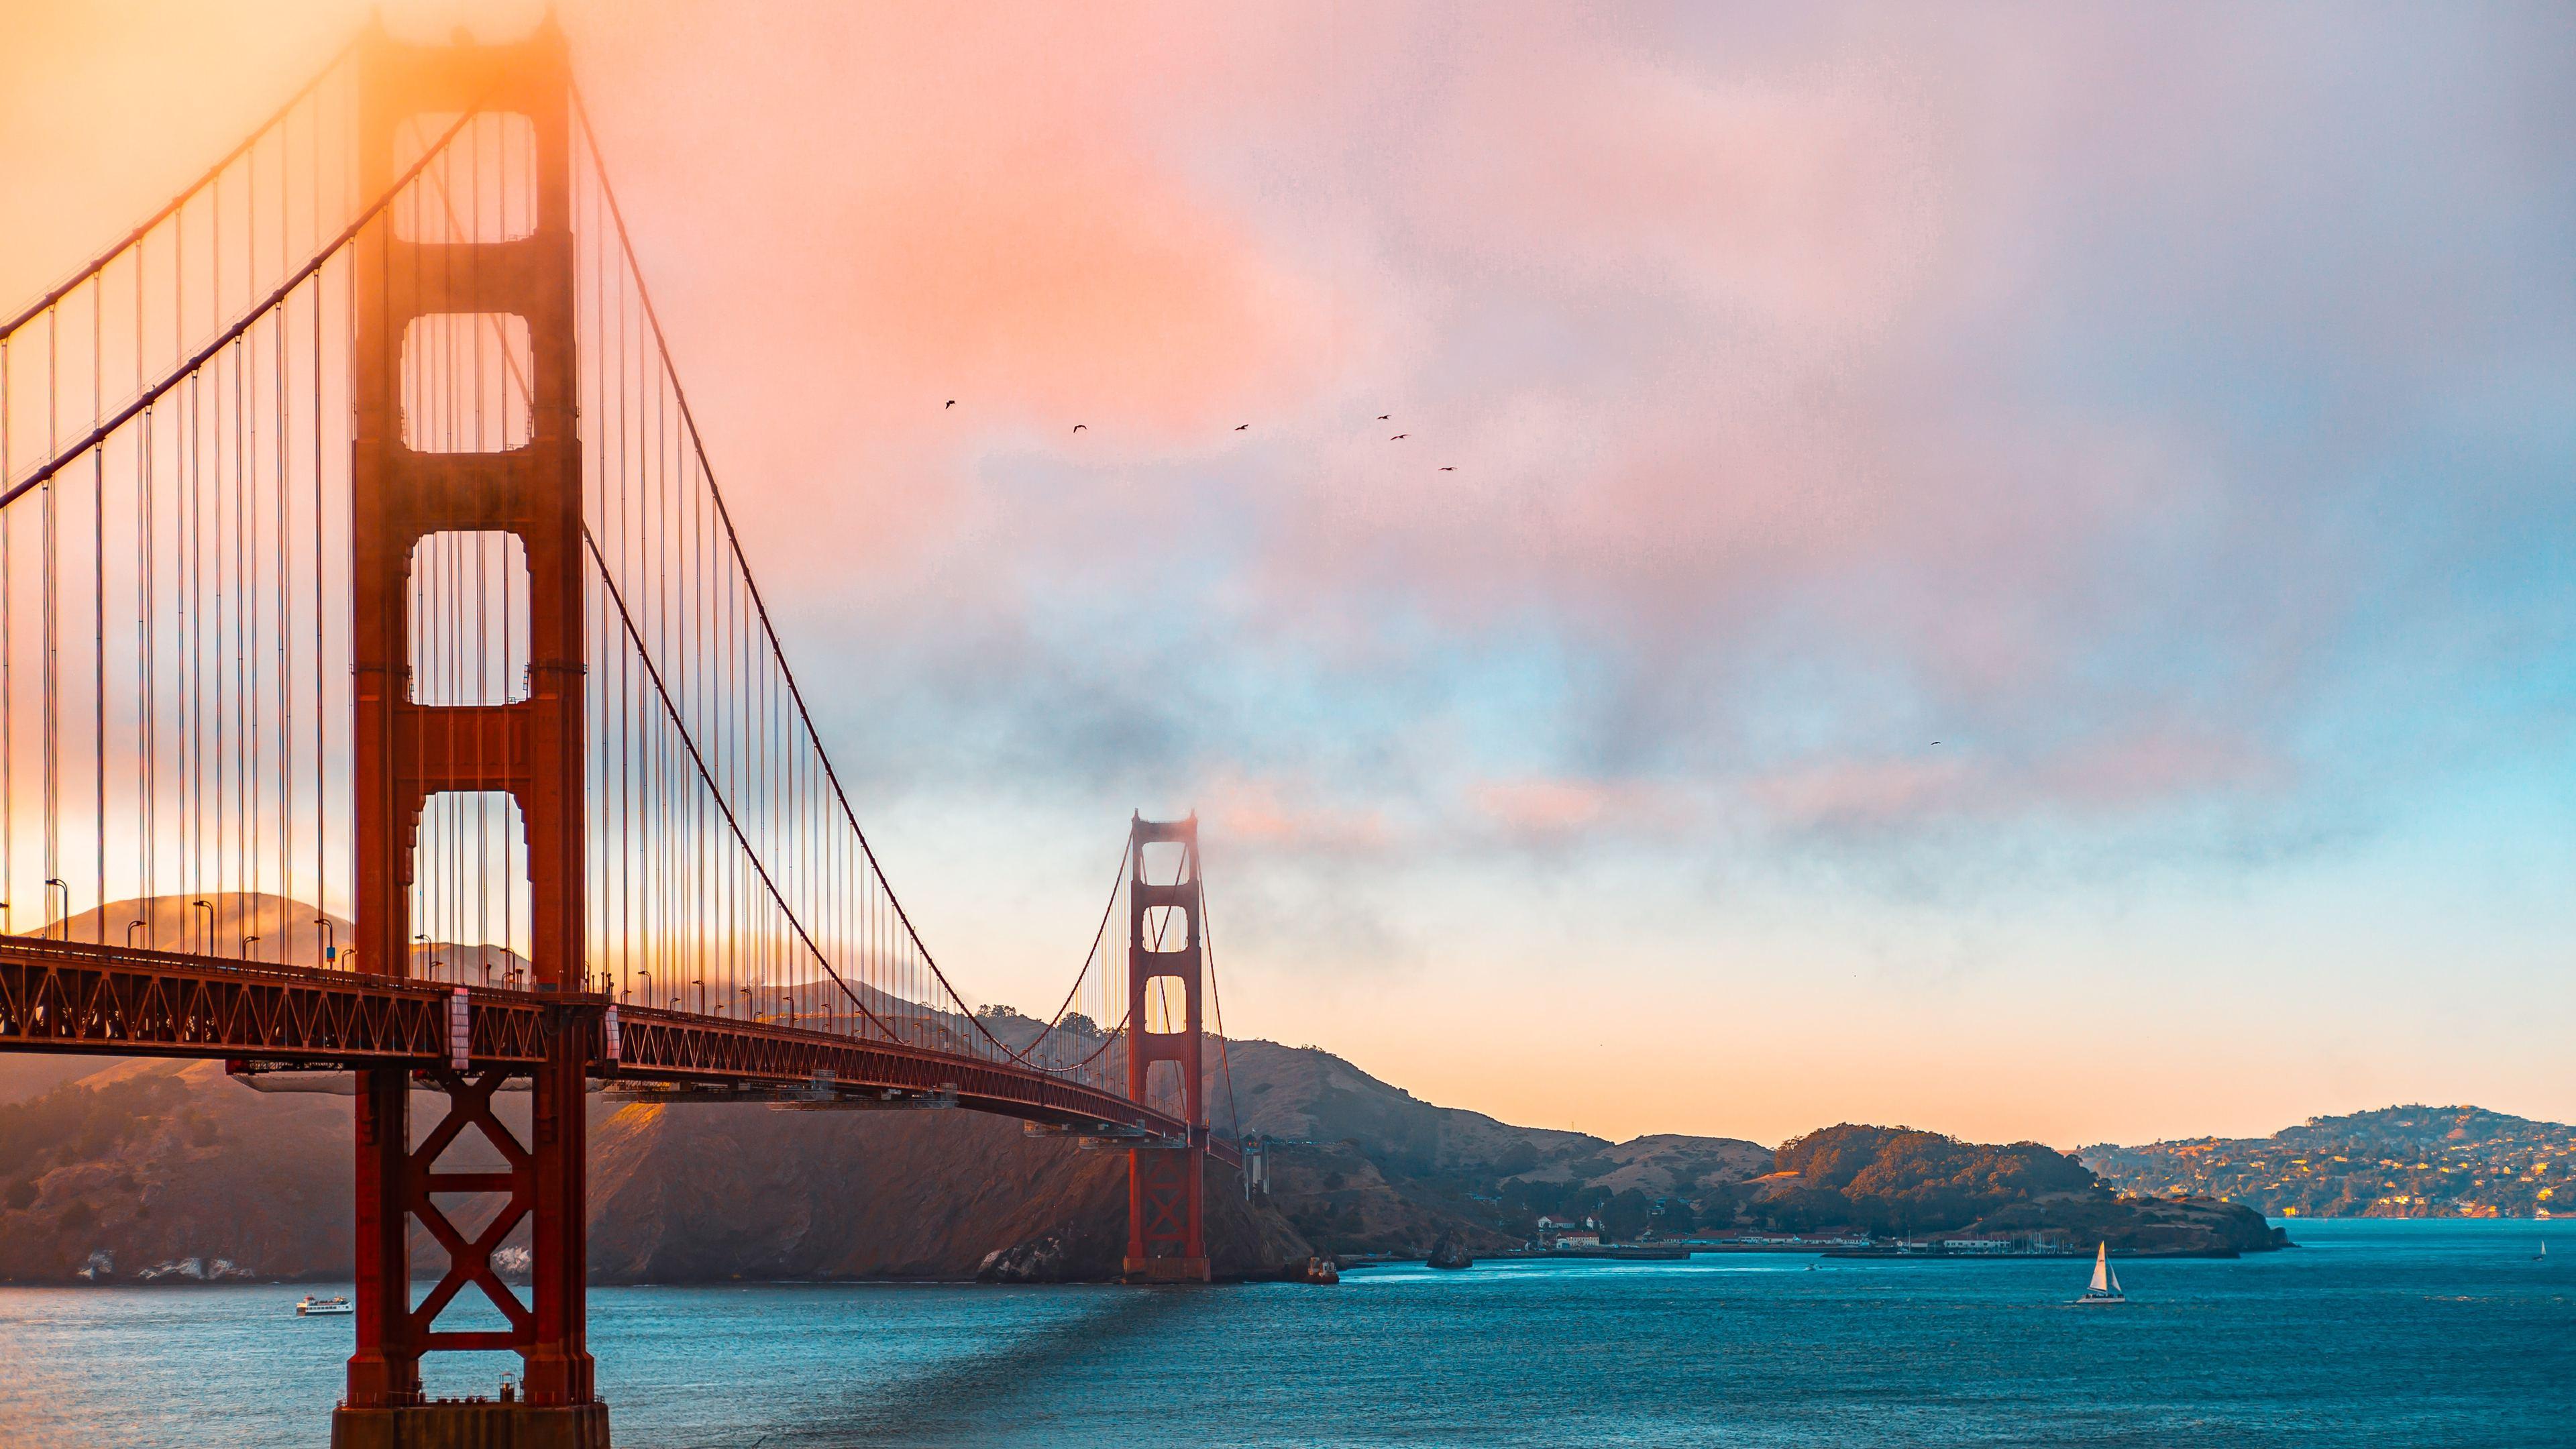 golden gate bridge morning 1569187779 - Golden Gate Bridge Morning - world wallpapers, morning wallpapers, hd-wallpapers, golden gate bridge wallpapers, 5k wallpapers, 4k-wallpapers